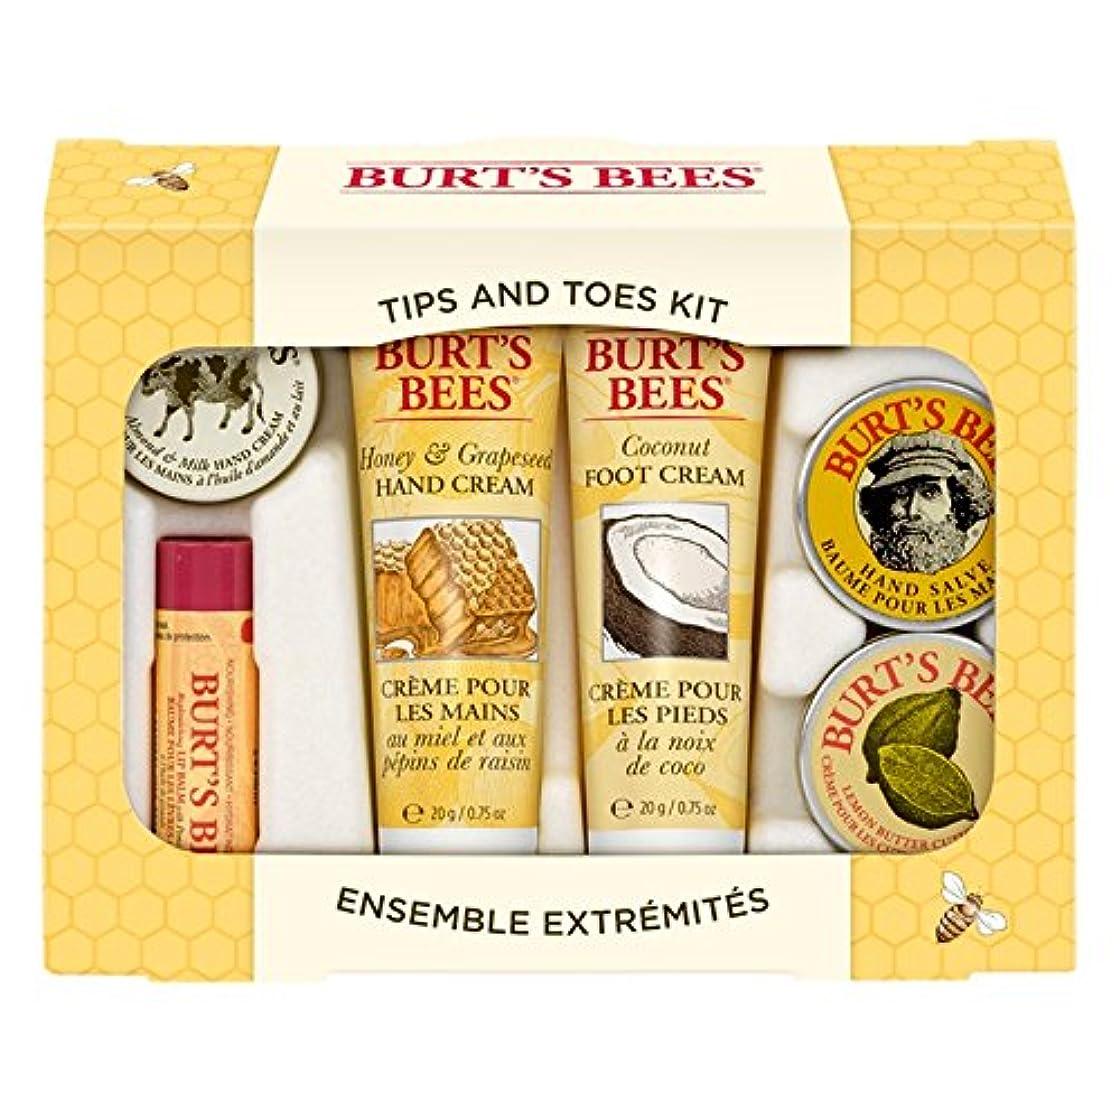 平凡すでにみバーツビーのヒントとつま先はスターターキットをスキンケア (Burt's Bees) (x2) - Burt's Bees Tips And Toes Skincare Starter Kit (Pack of 2) [...